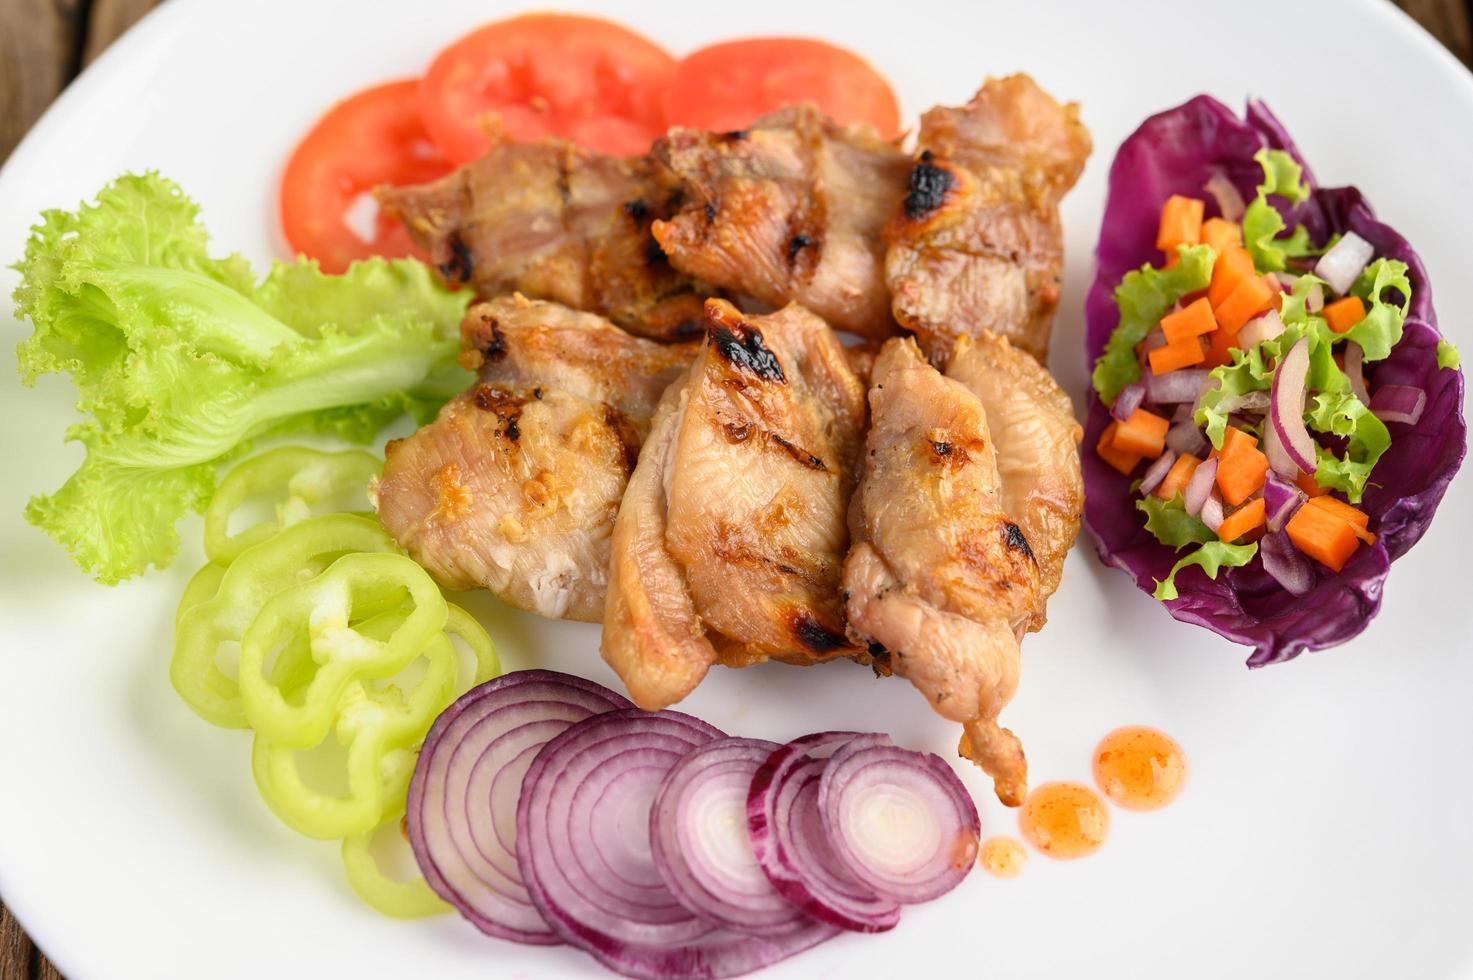 pollo asado en rodajas con ensalada foto